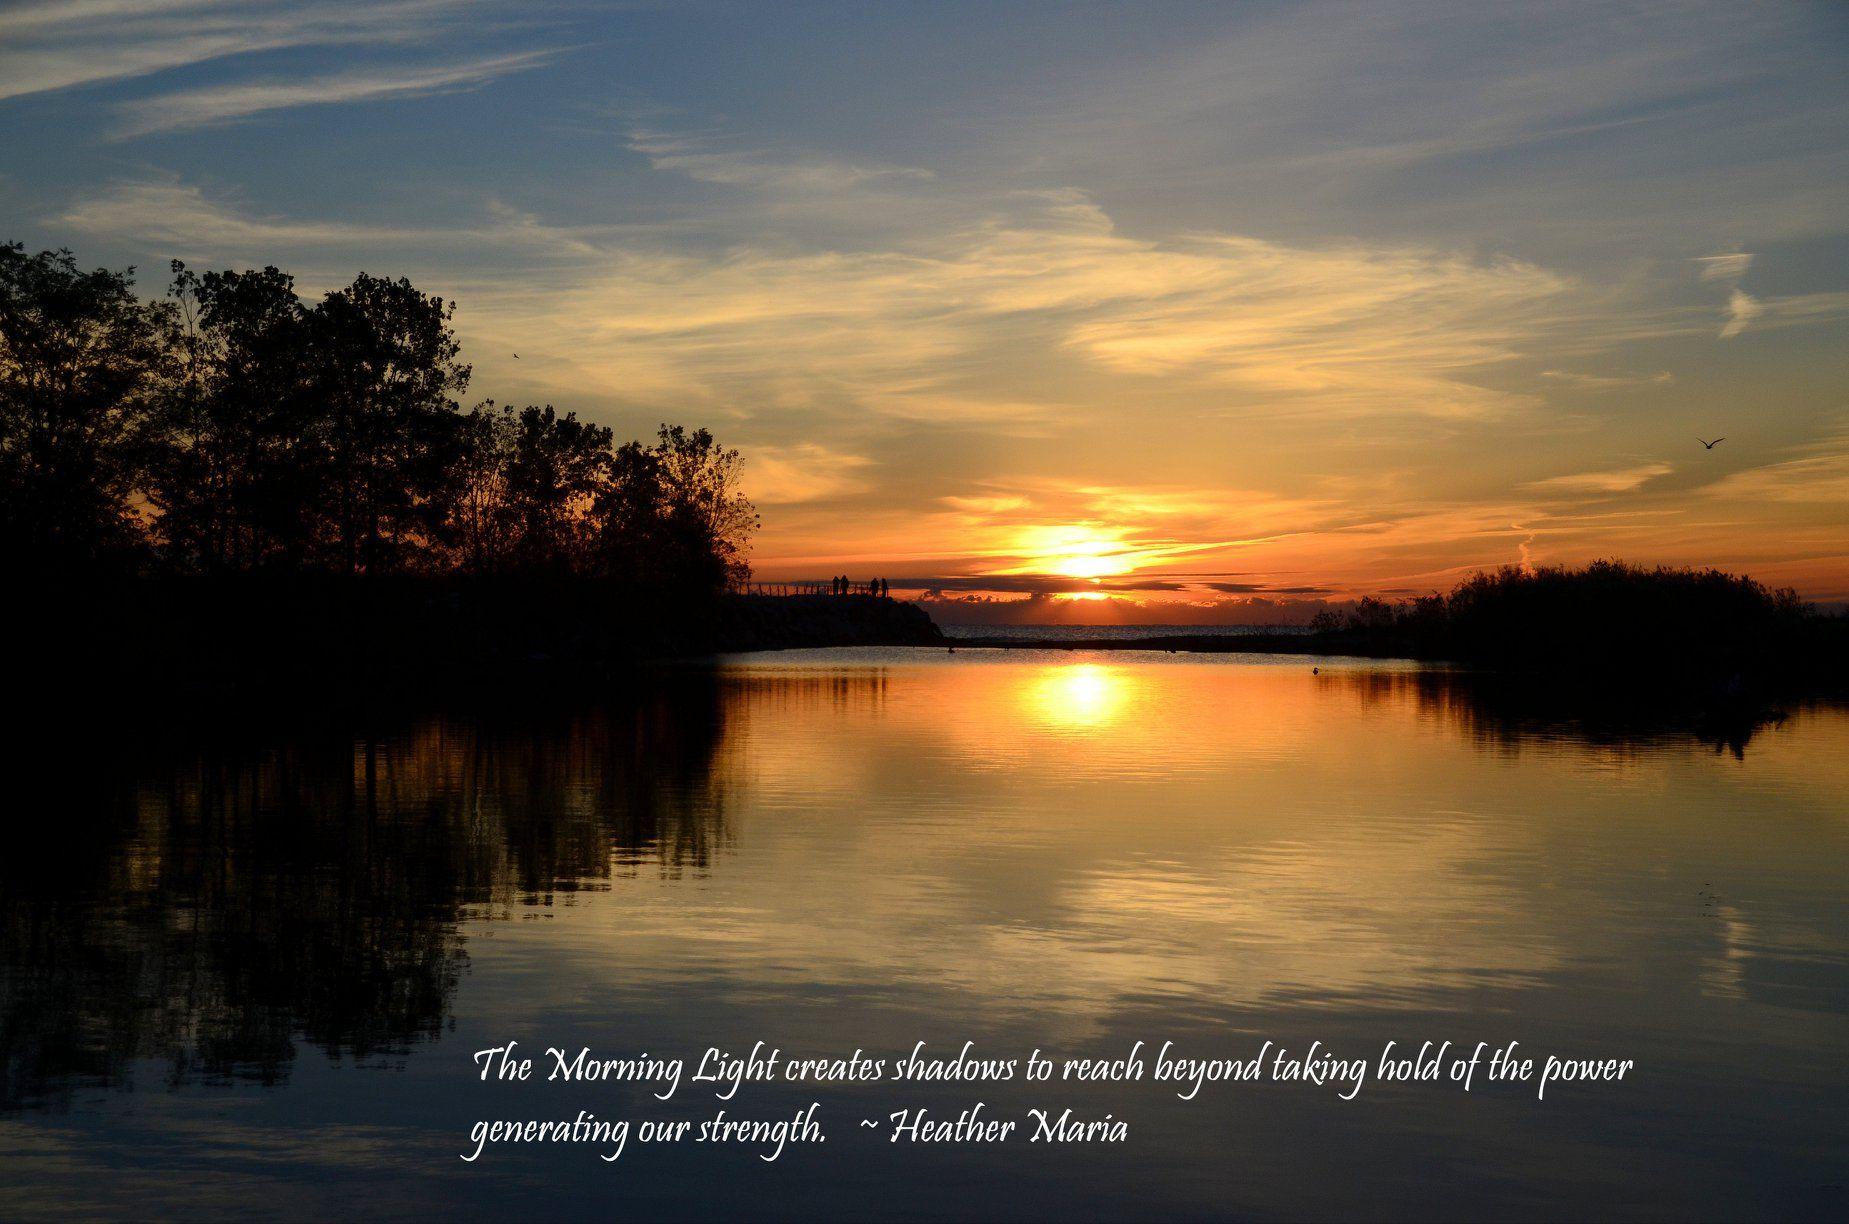 Sunset (2013) | Daniel J. Knaggs, composer